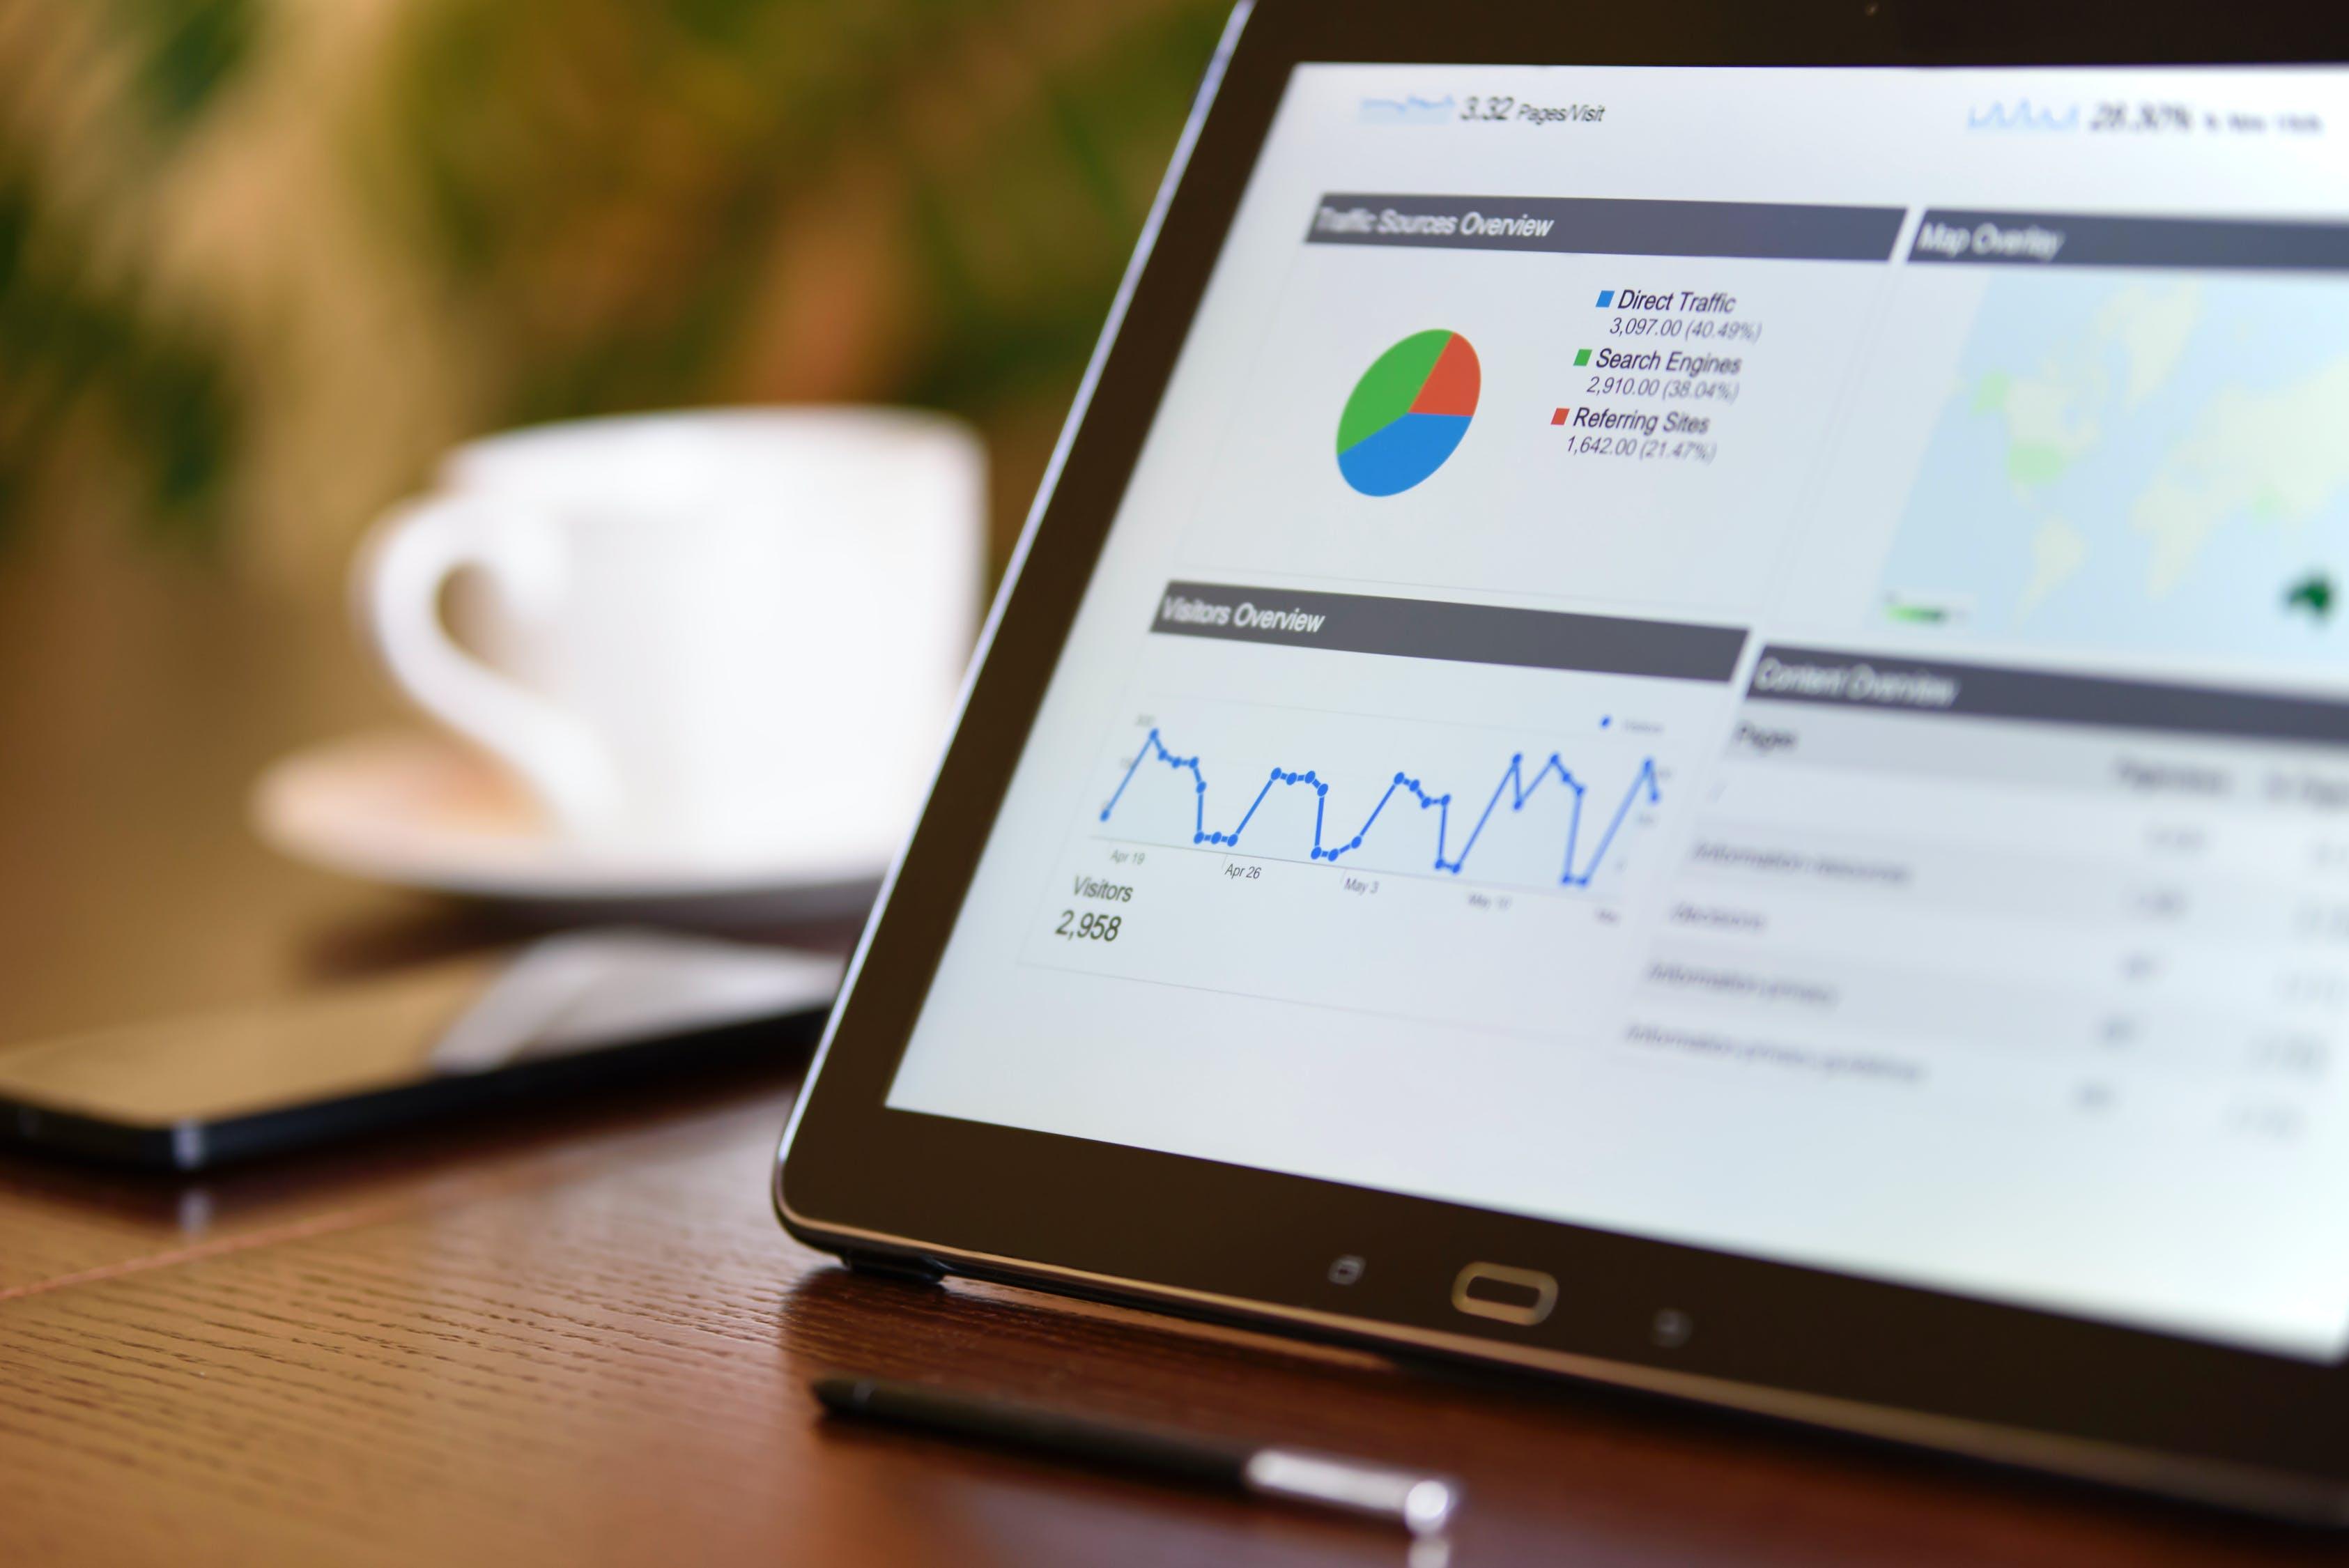 Um tablet em uma mesa mostrando gráficos através de softwares para empresa.